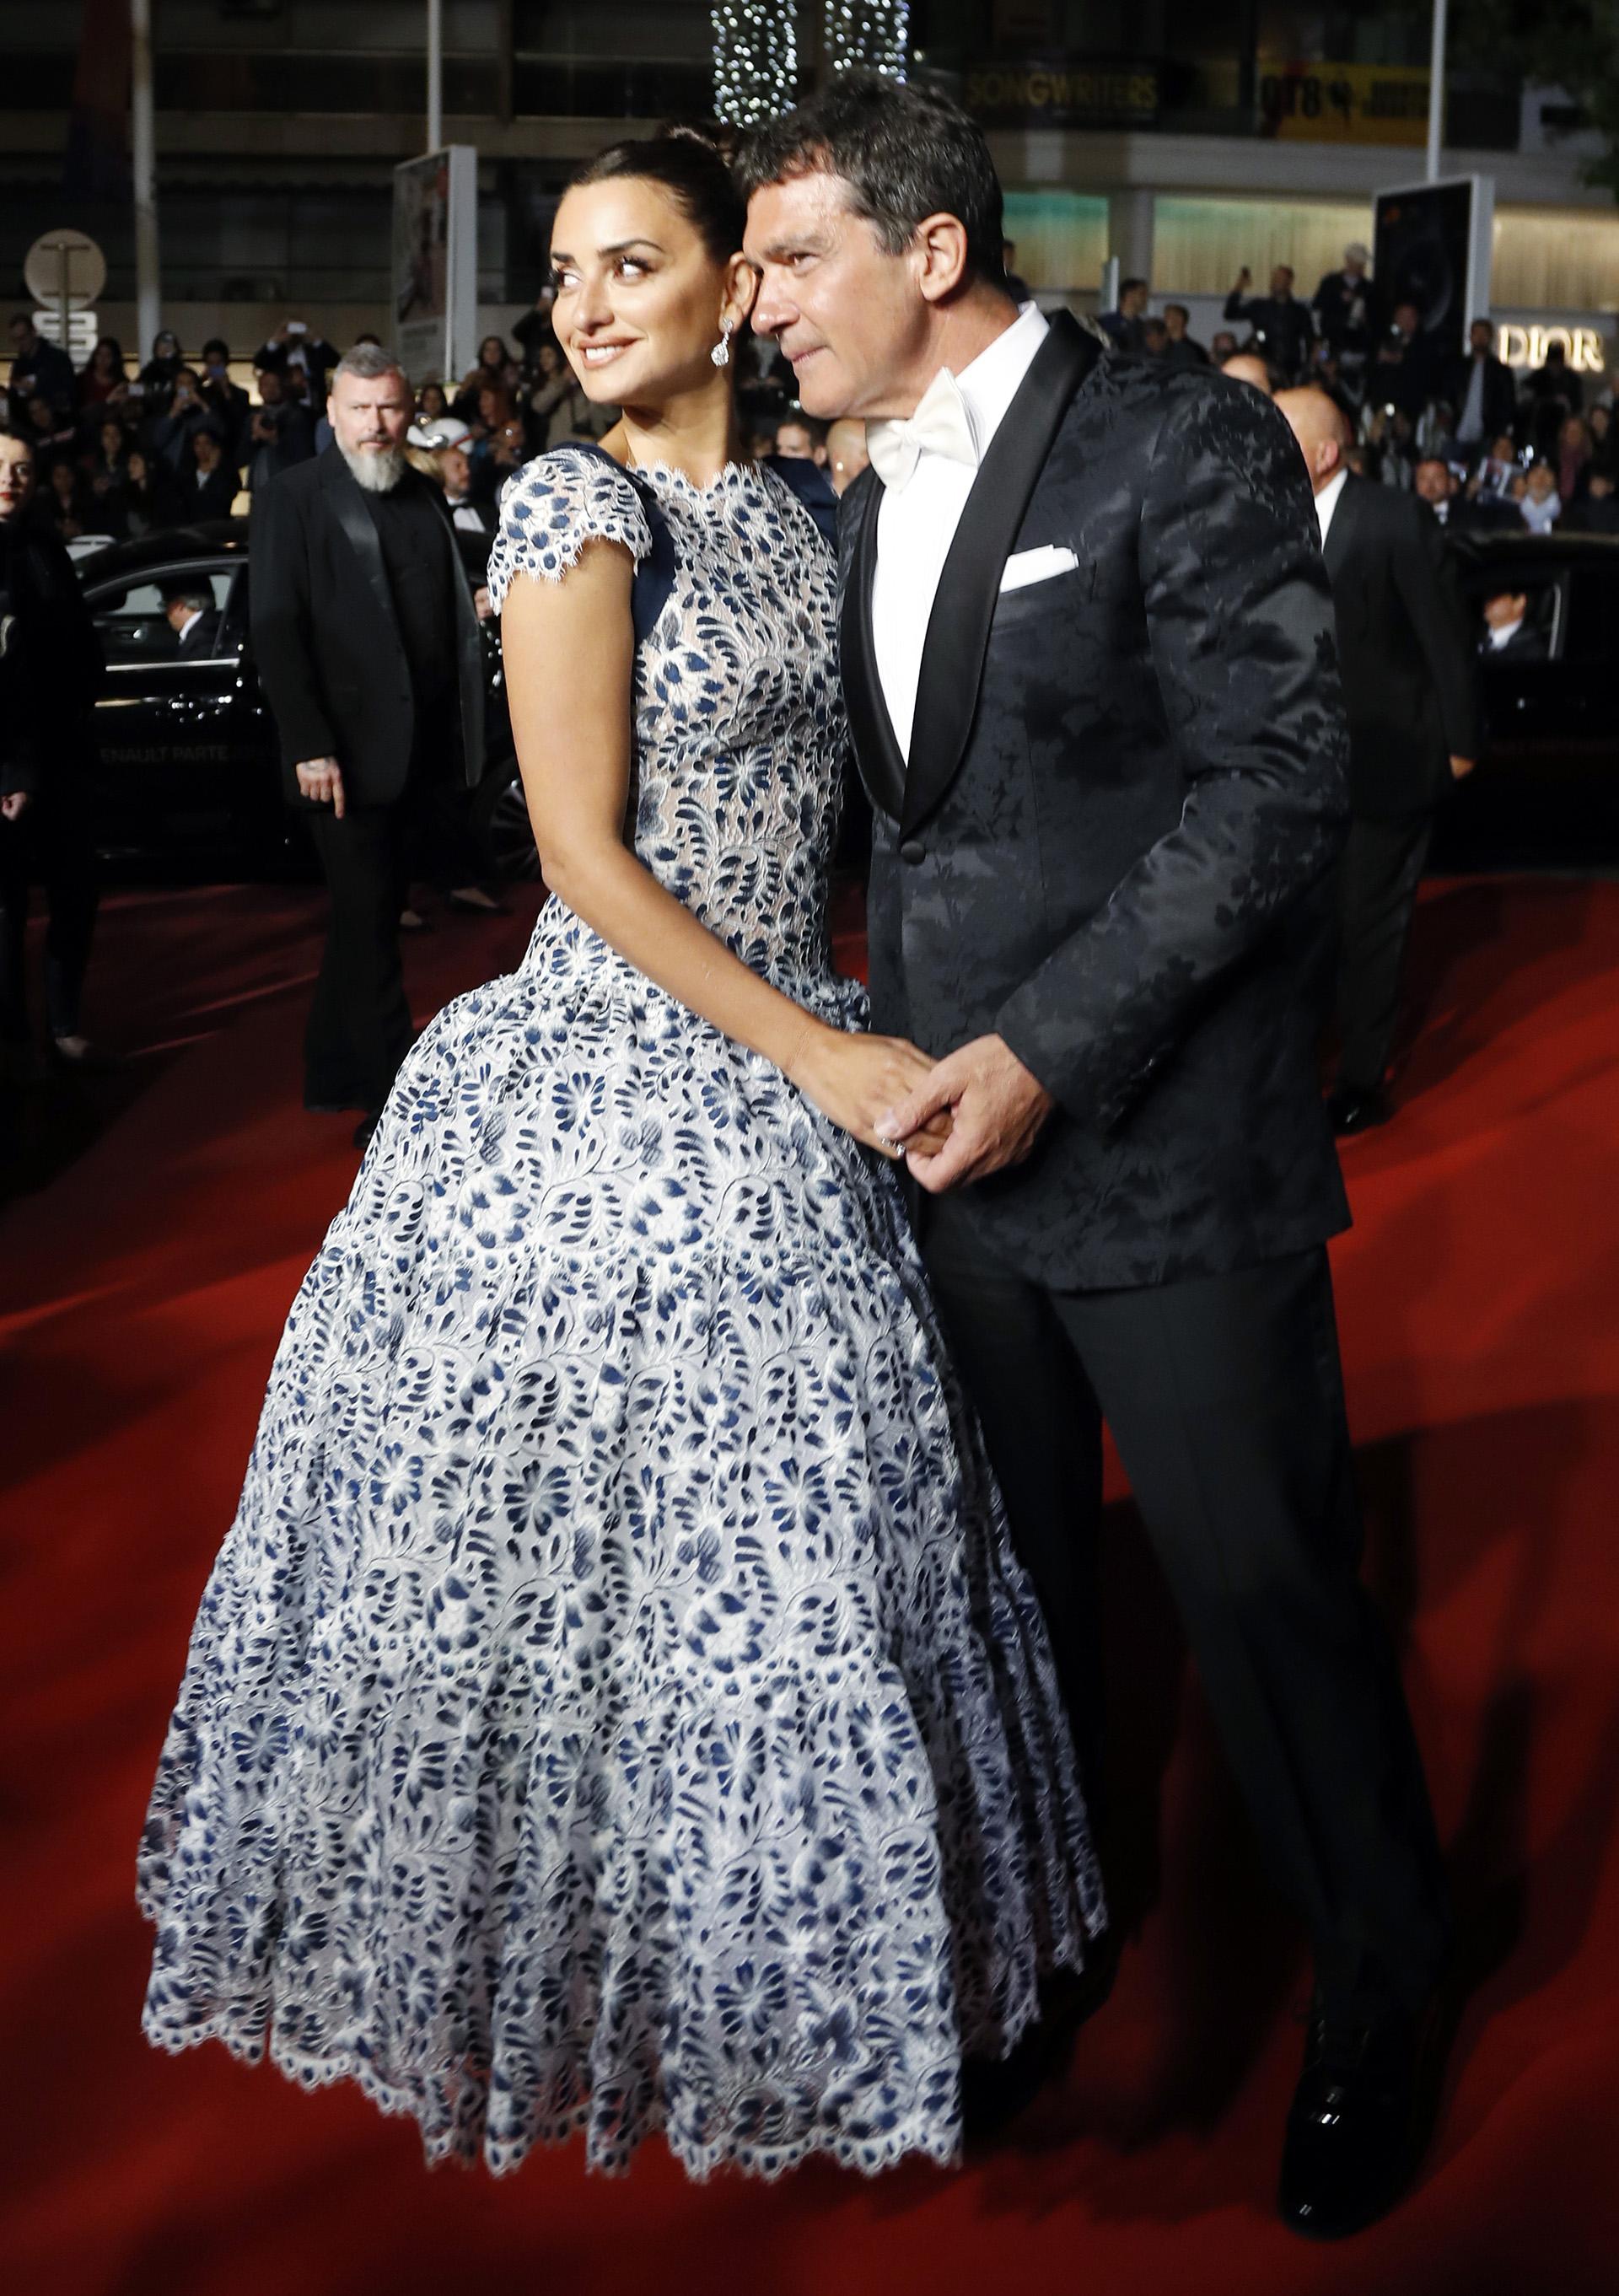 La pareja de la noche: Antonio Banderas y Penélope Cruz, los más esperados en la red carpet de Cannes